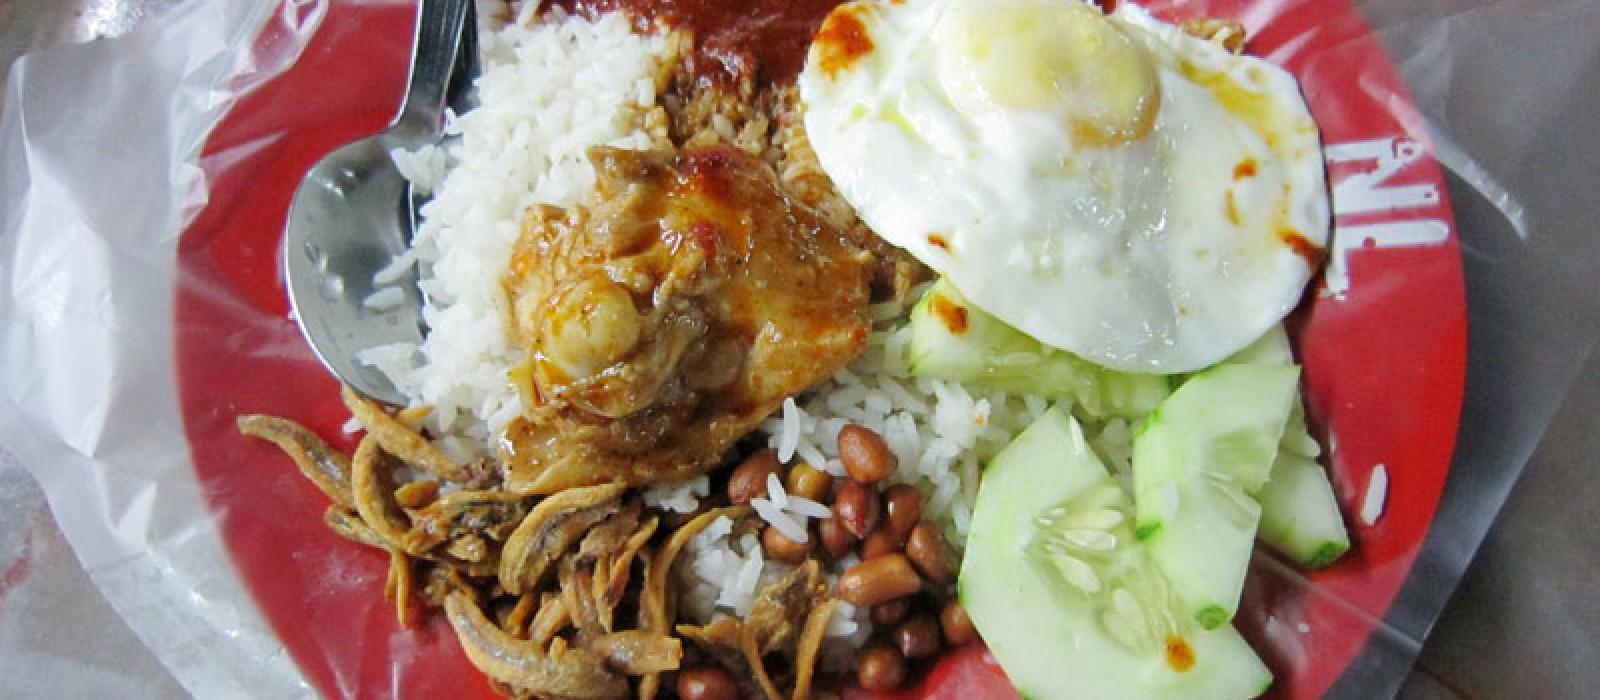 Nasi Lemak & Ais Kacang, Kepong Wai Sek Kai